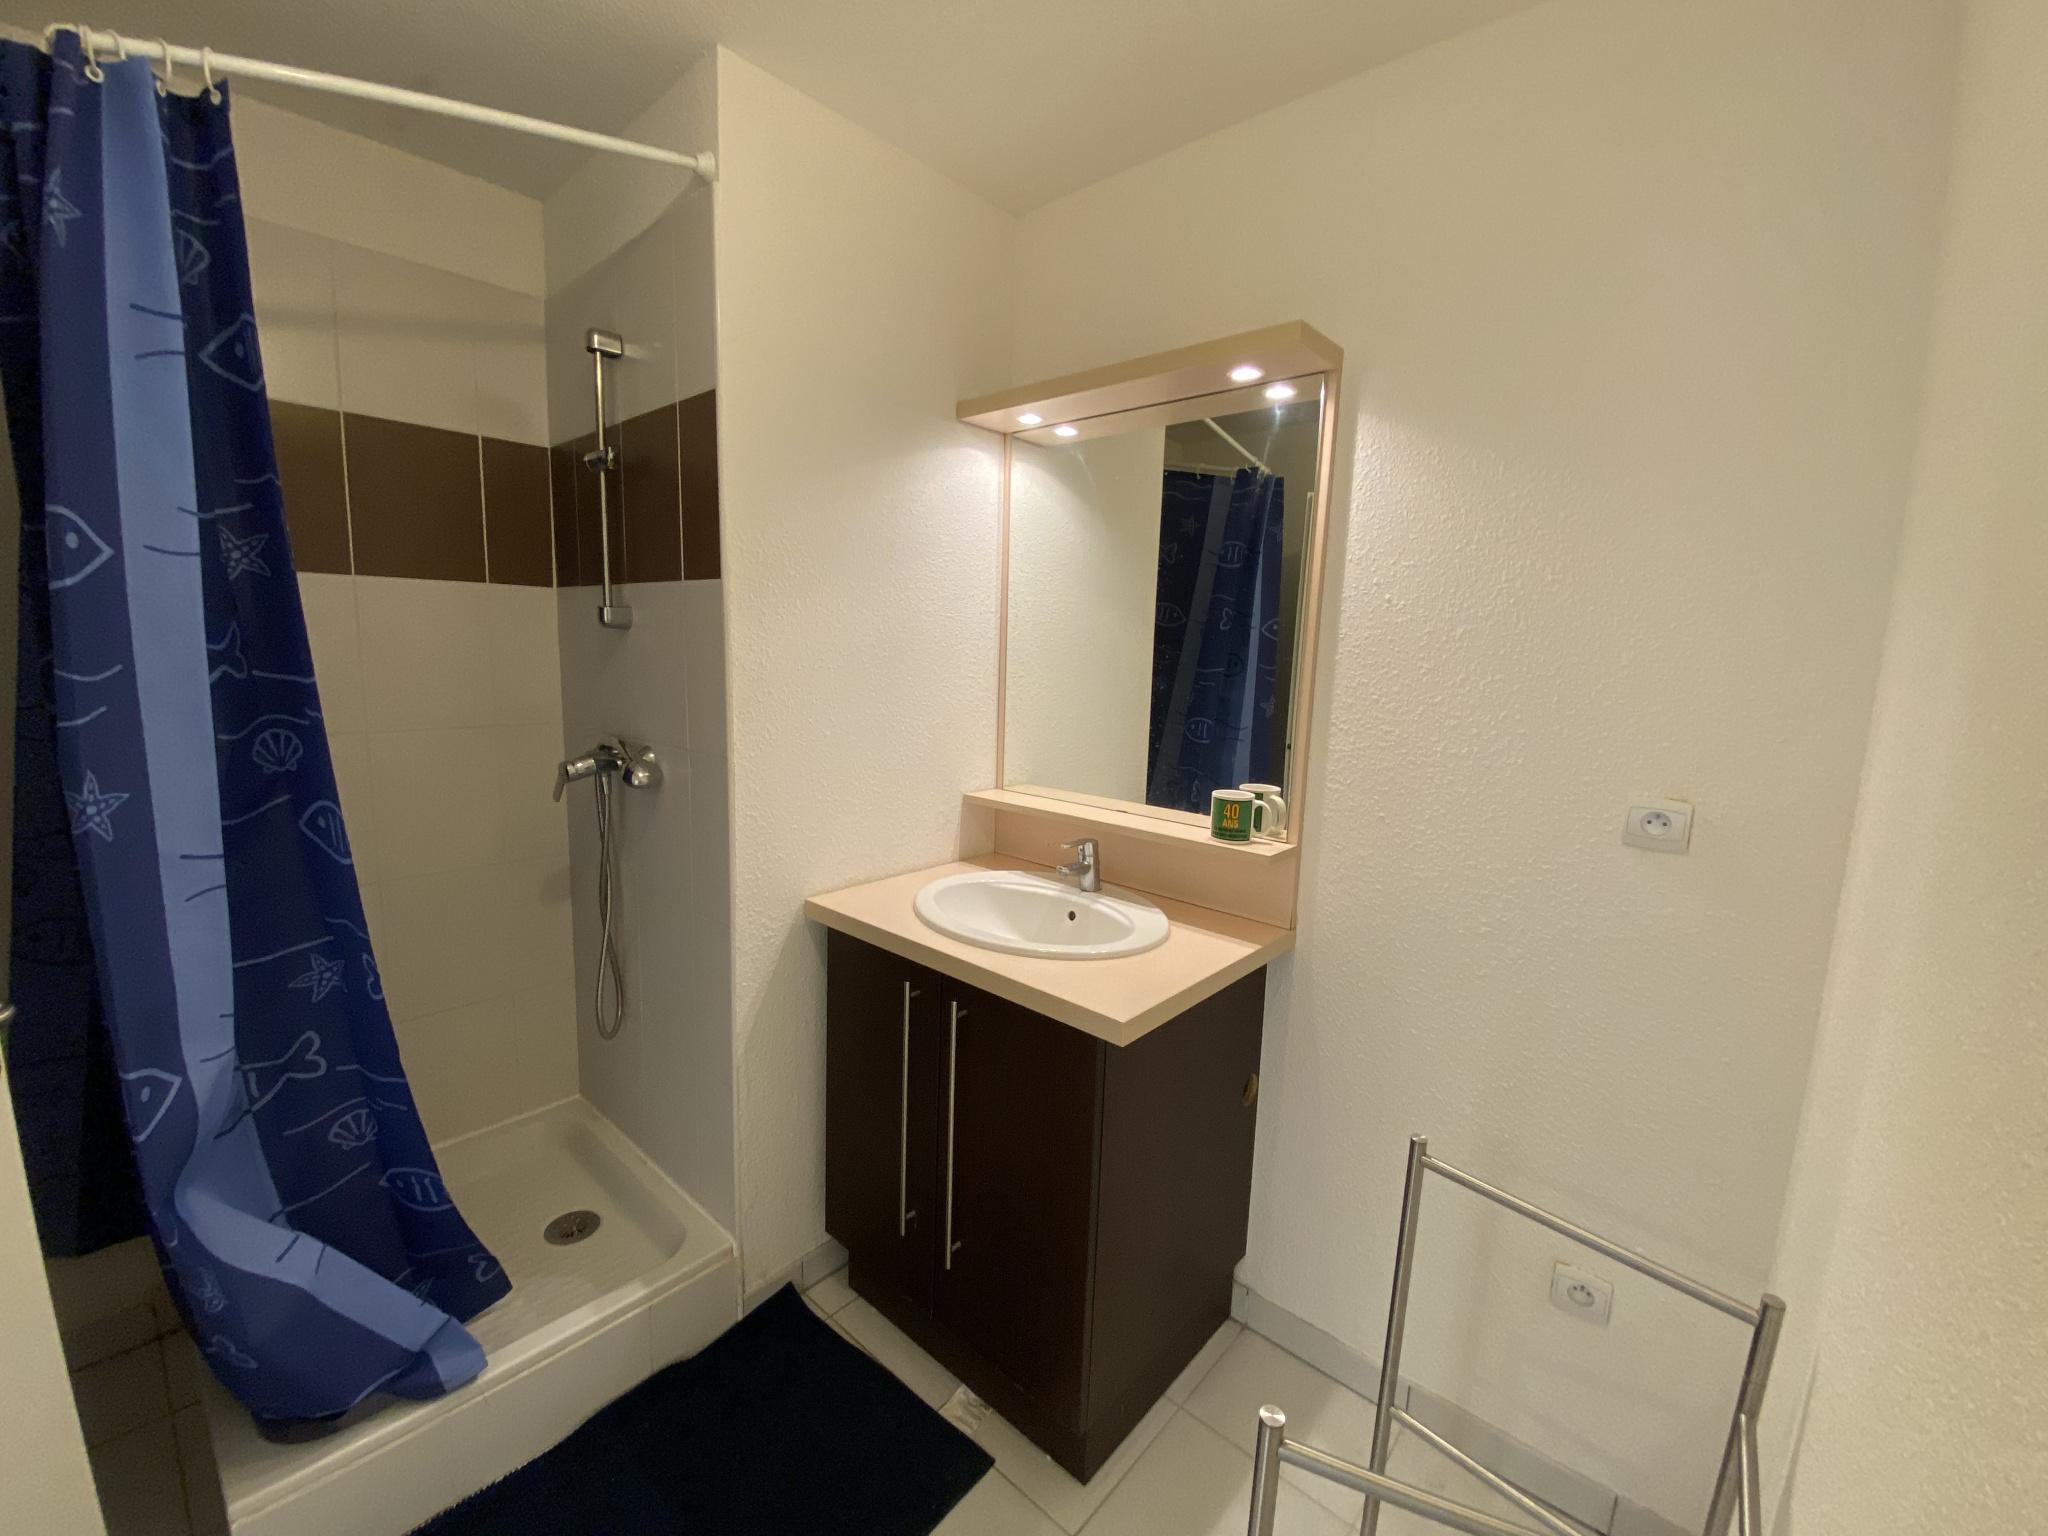 À vendre appartement de 44m2 à argeles sur mer (66700) - Photo 12'